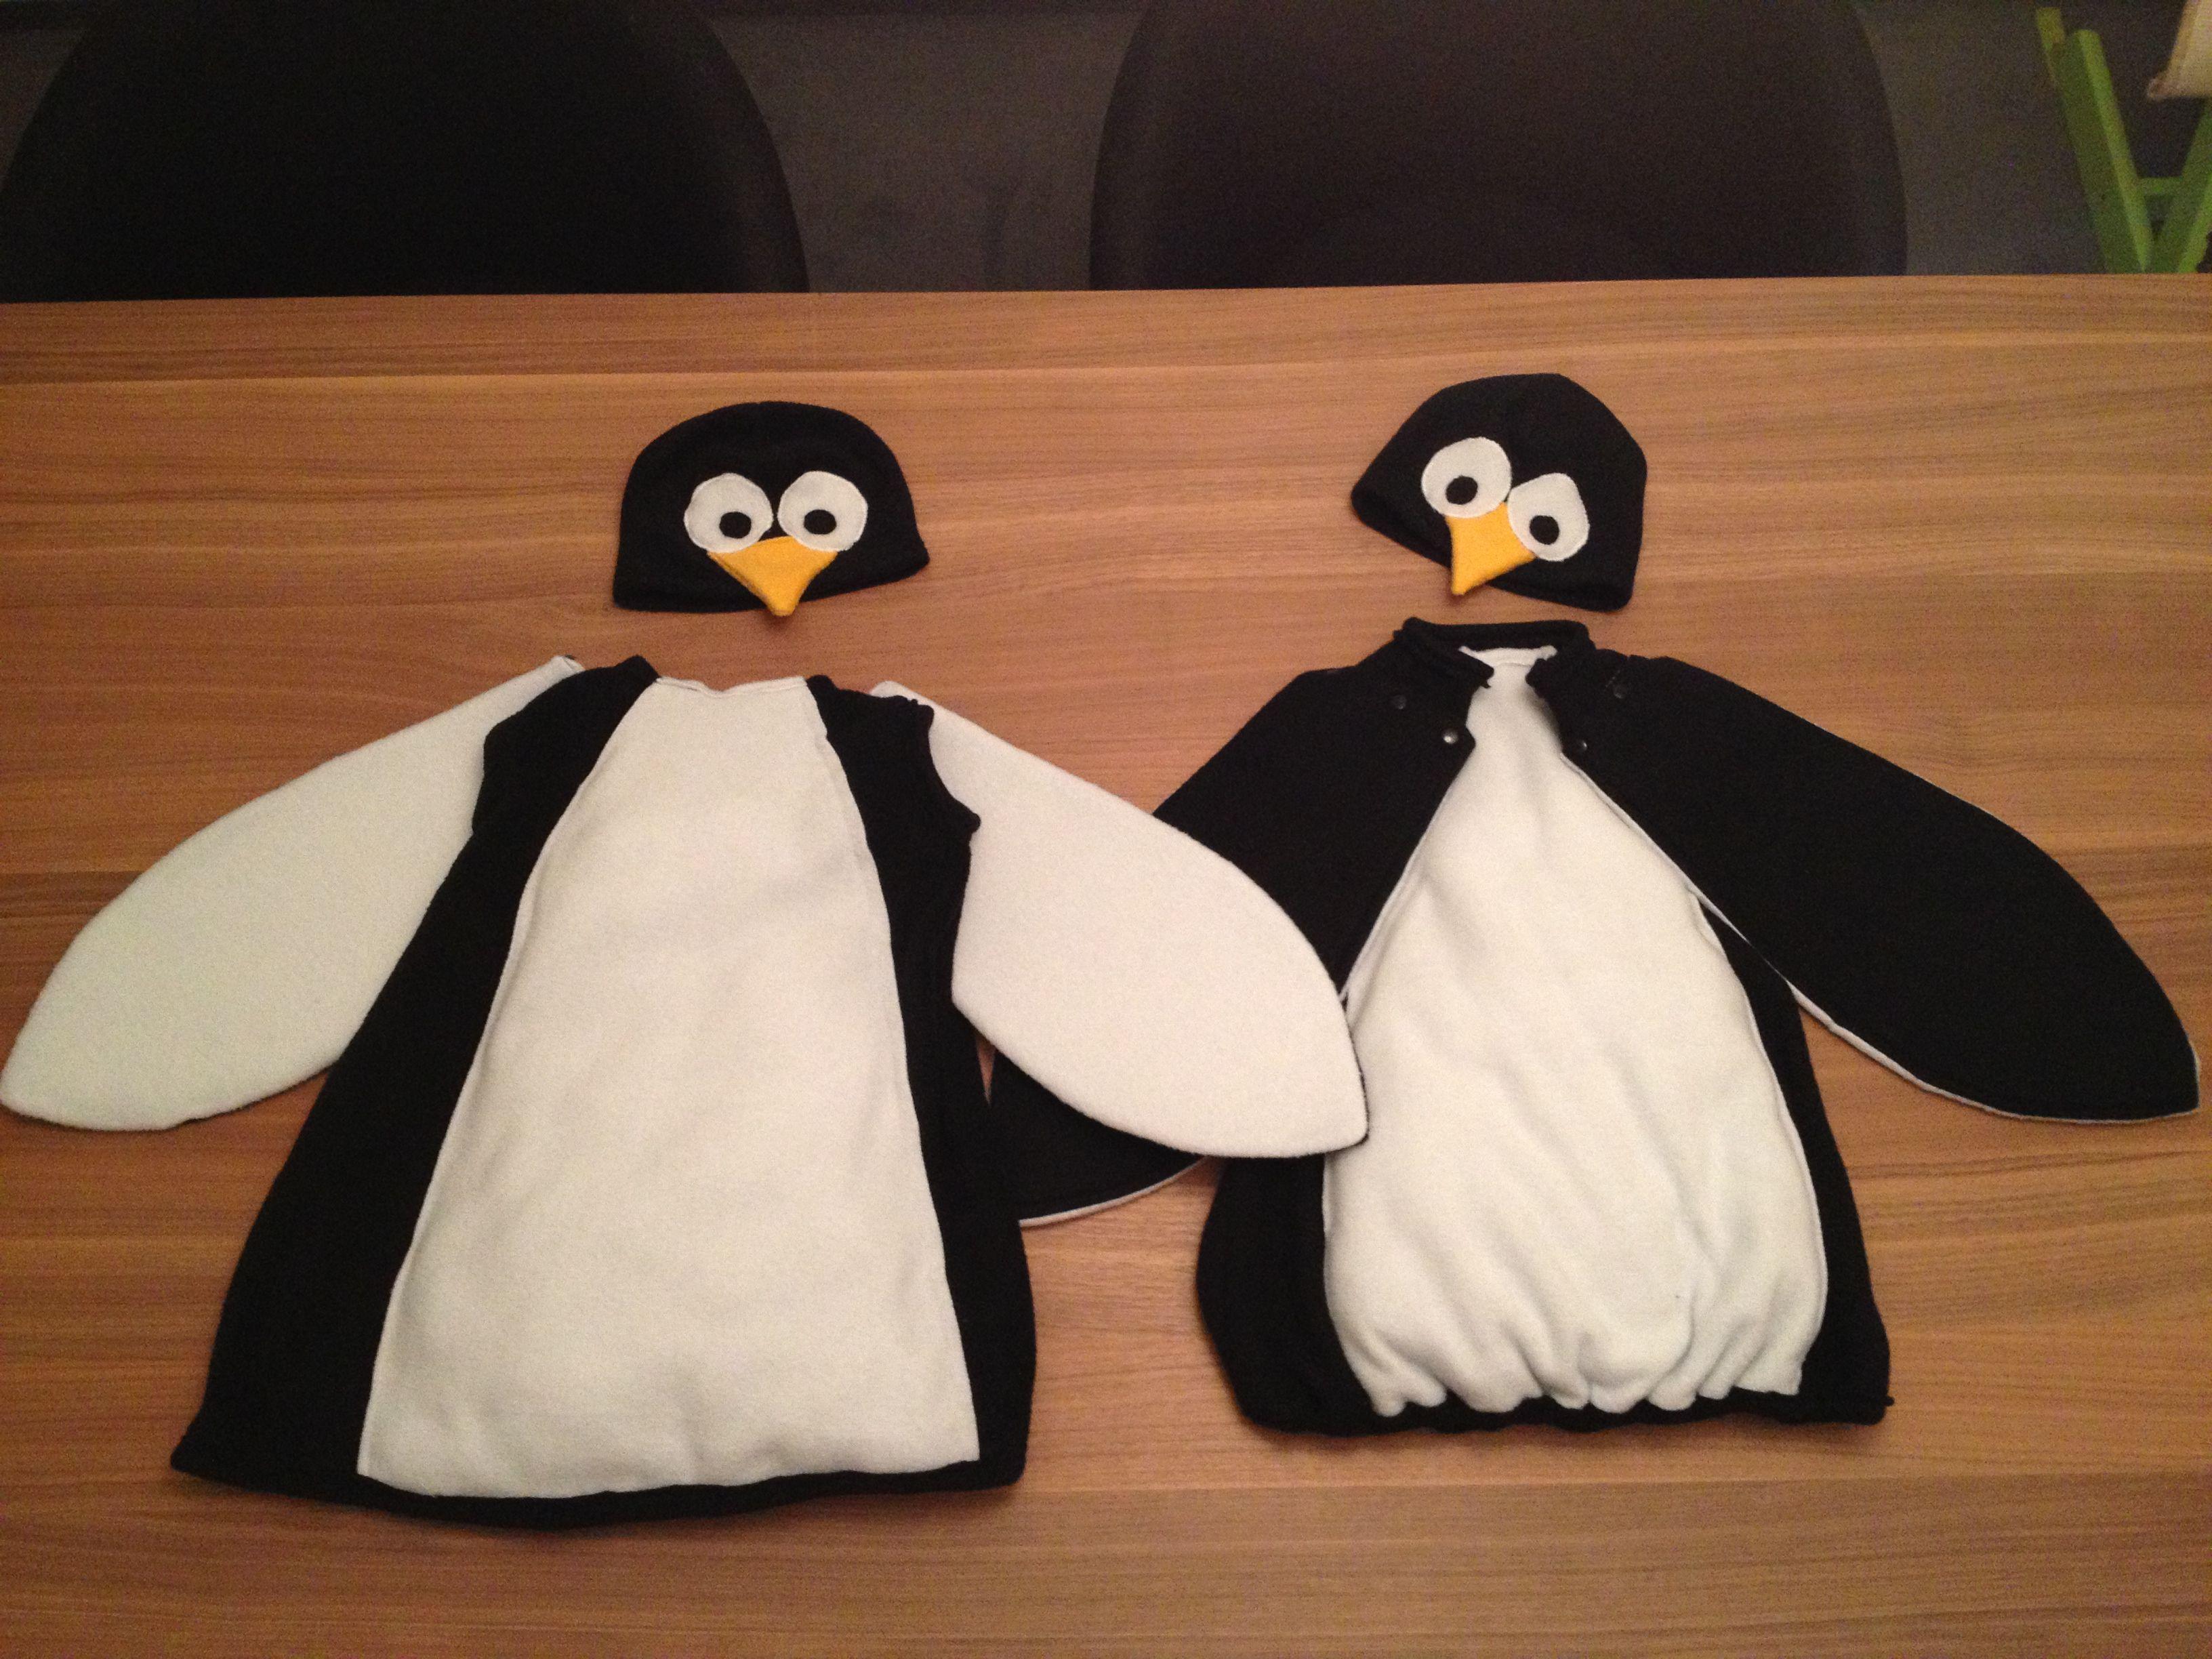 pinguin kost m selfmade pinterest pinguin kost m. Black Bedroom Furniture Sets. Home Design Ideas